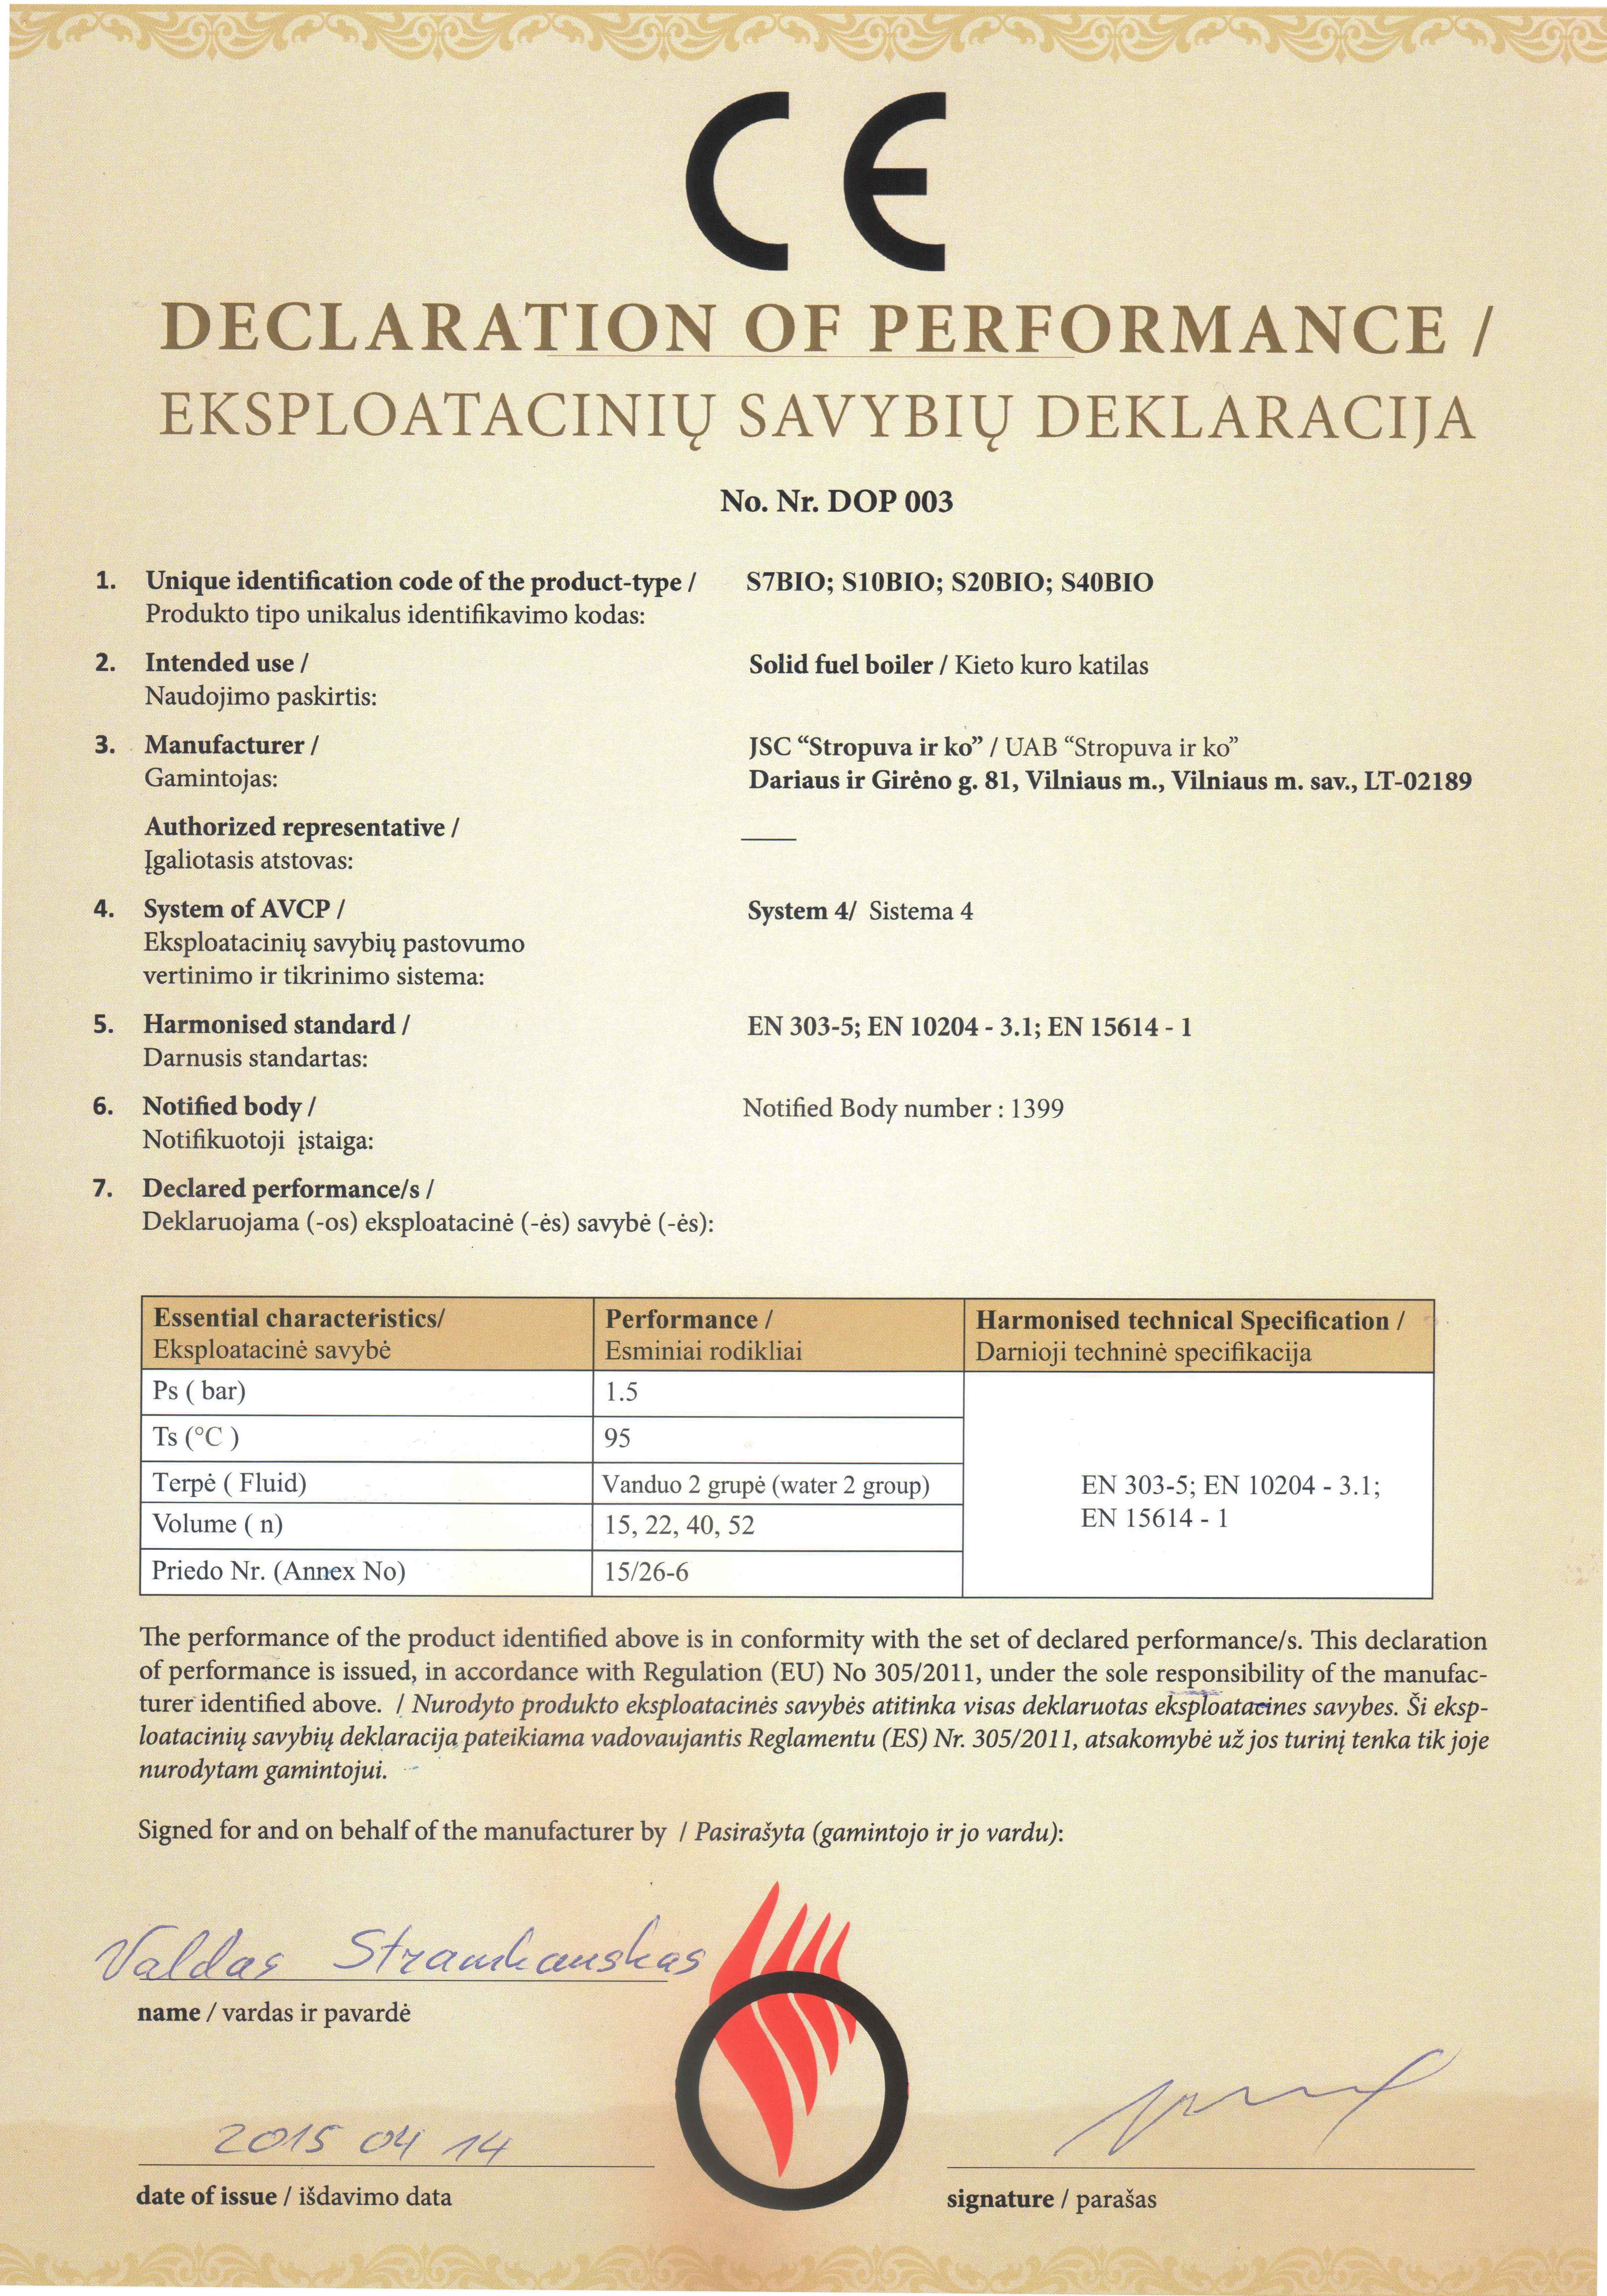 Eksplotaciniu savybiu deklaracija Bio katilai1